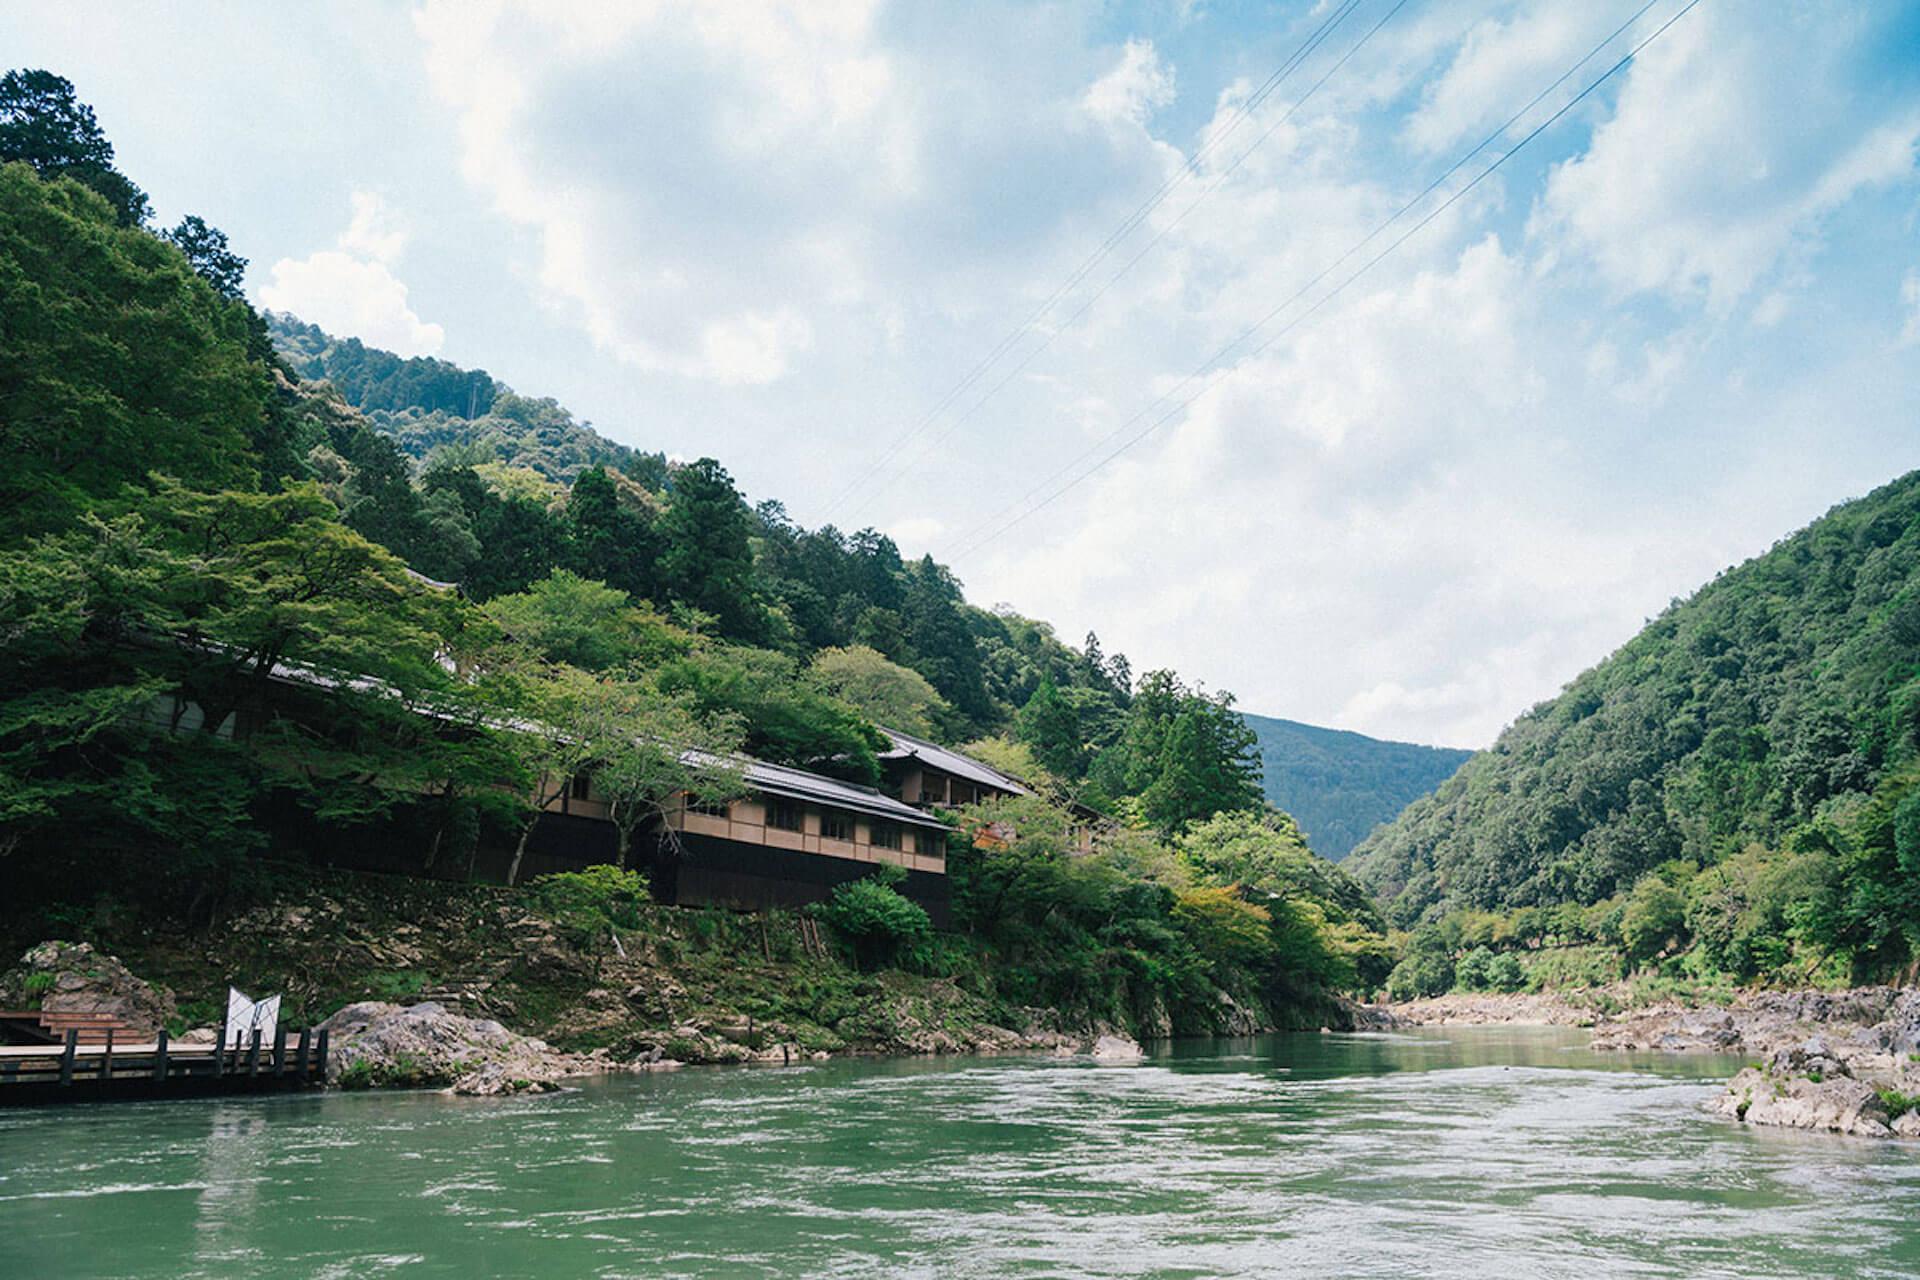 京都・嵐山から舟で非日常へトリップ! 水辺のラグジュアリーホテル『星のや京都』で極上体験 1